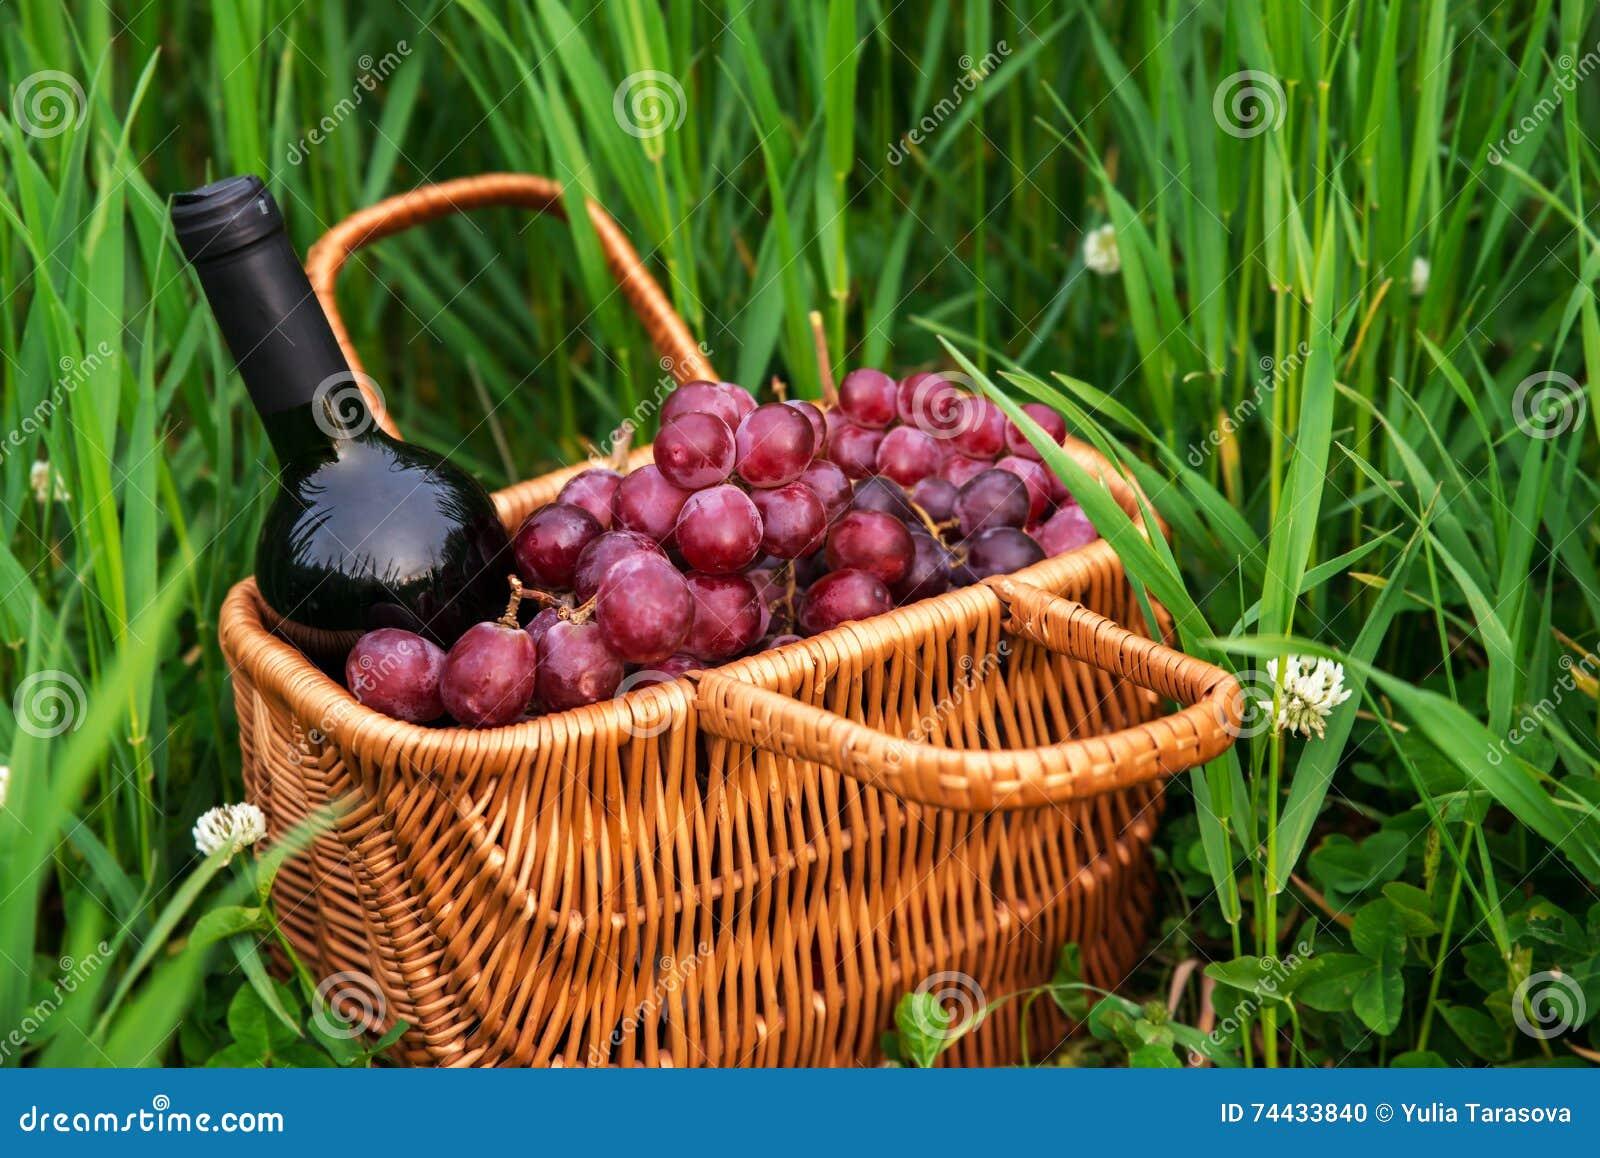 与酒瓶和葡萄的野餐篮子在绿草草坪